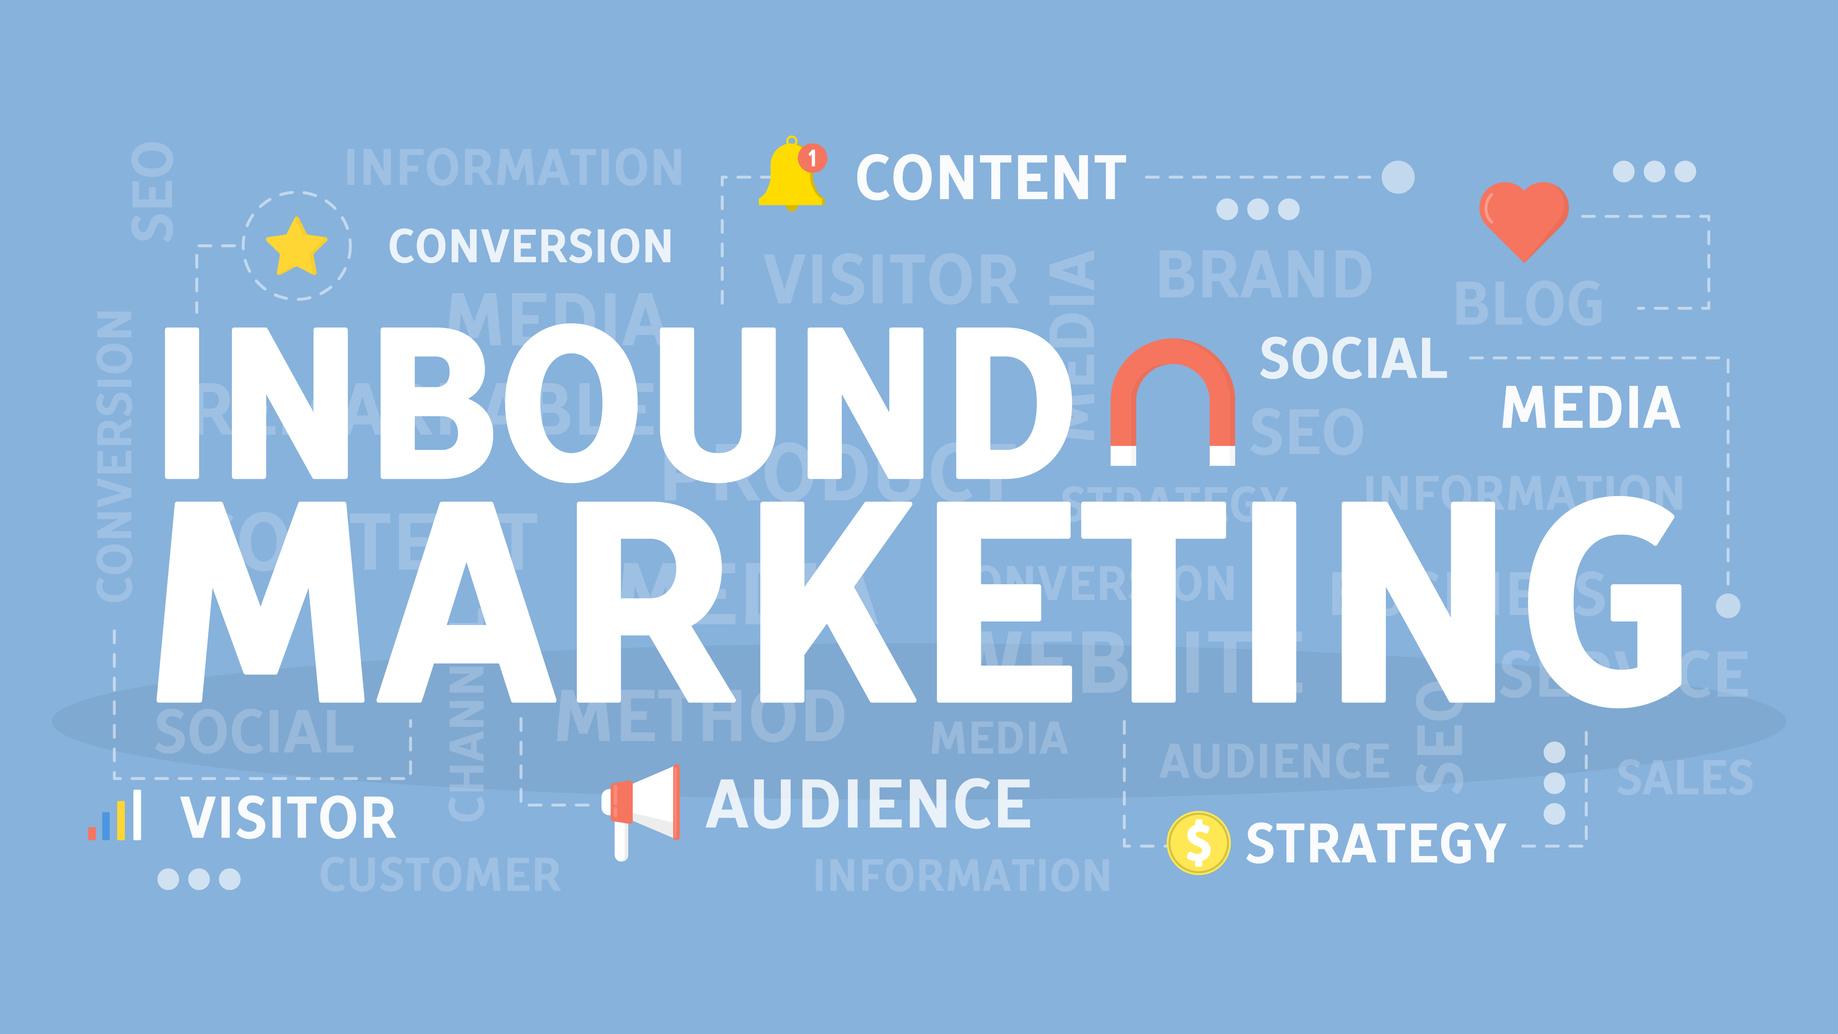 ¿Cuándo Es El Marketing Entrante La Estrategia Correcta?